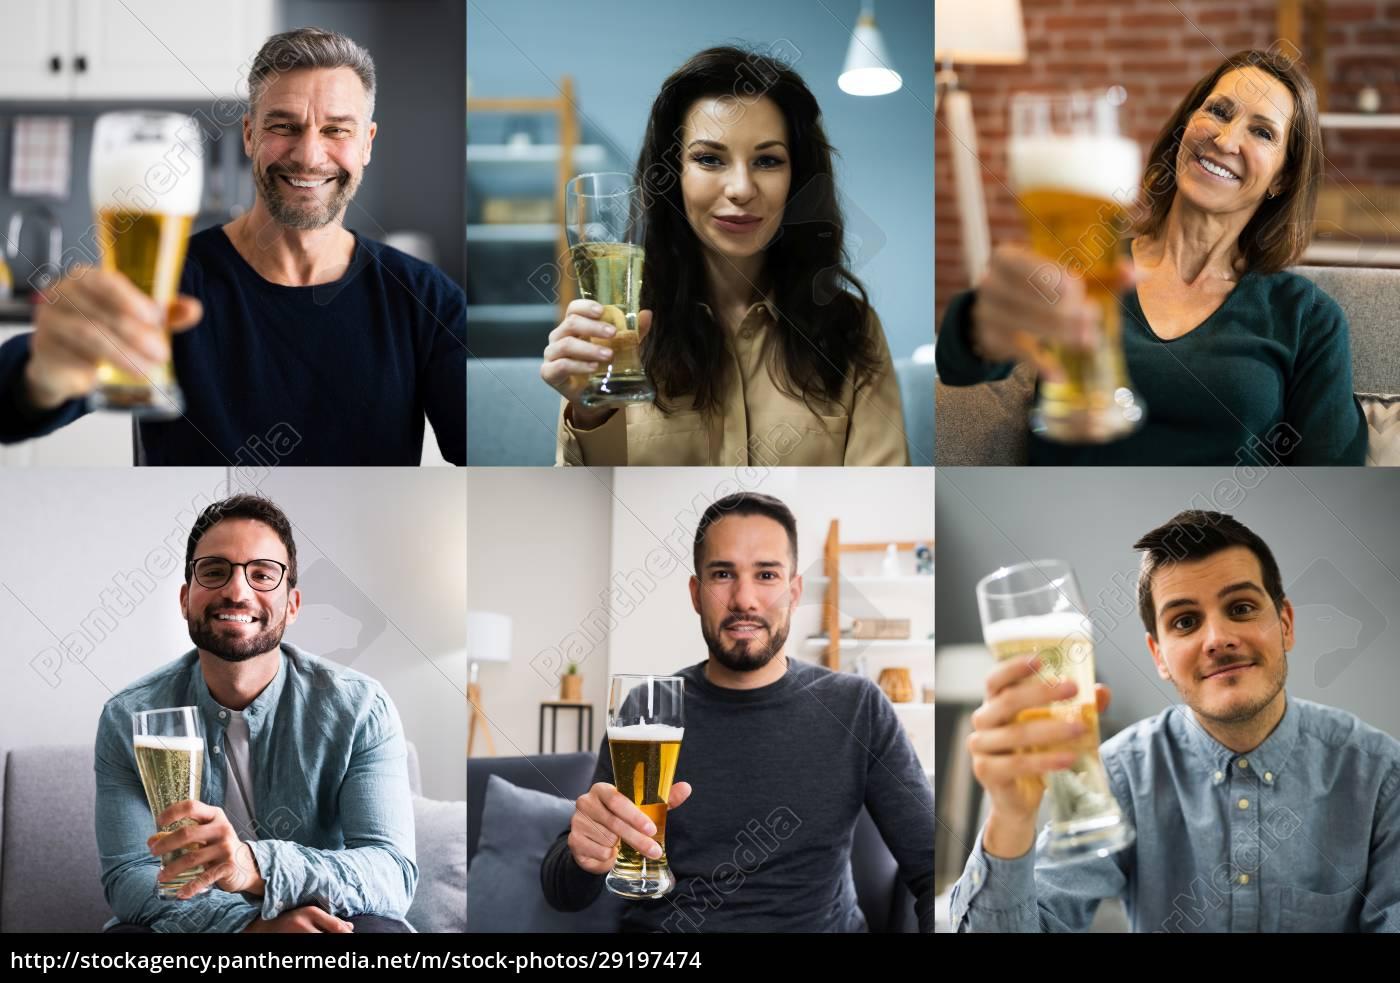 virtual, beer, drink, online, party - 29197474